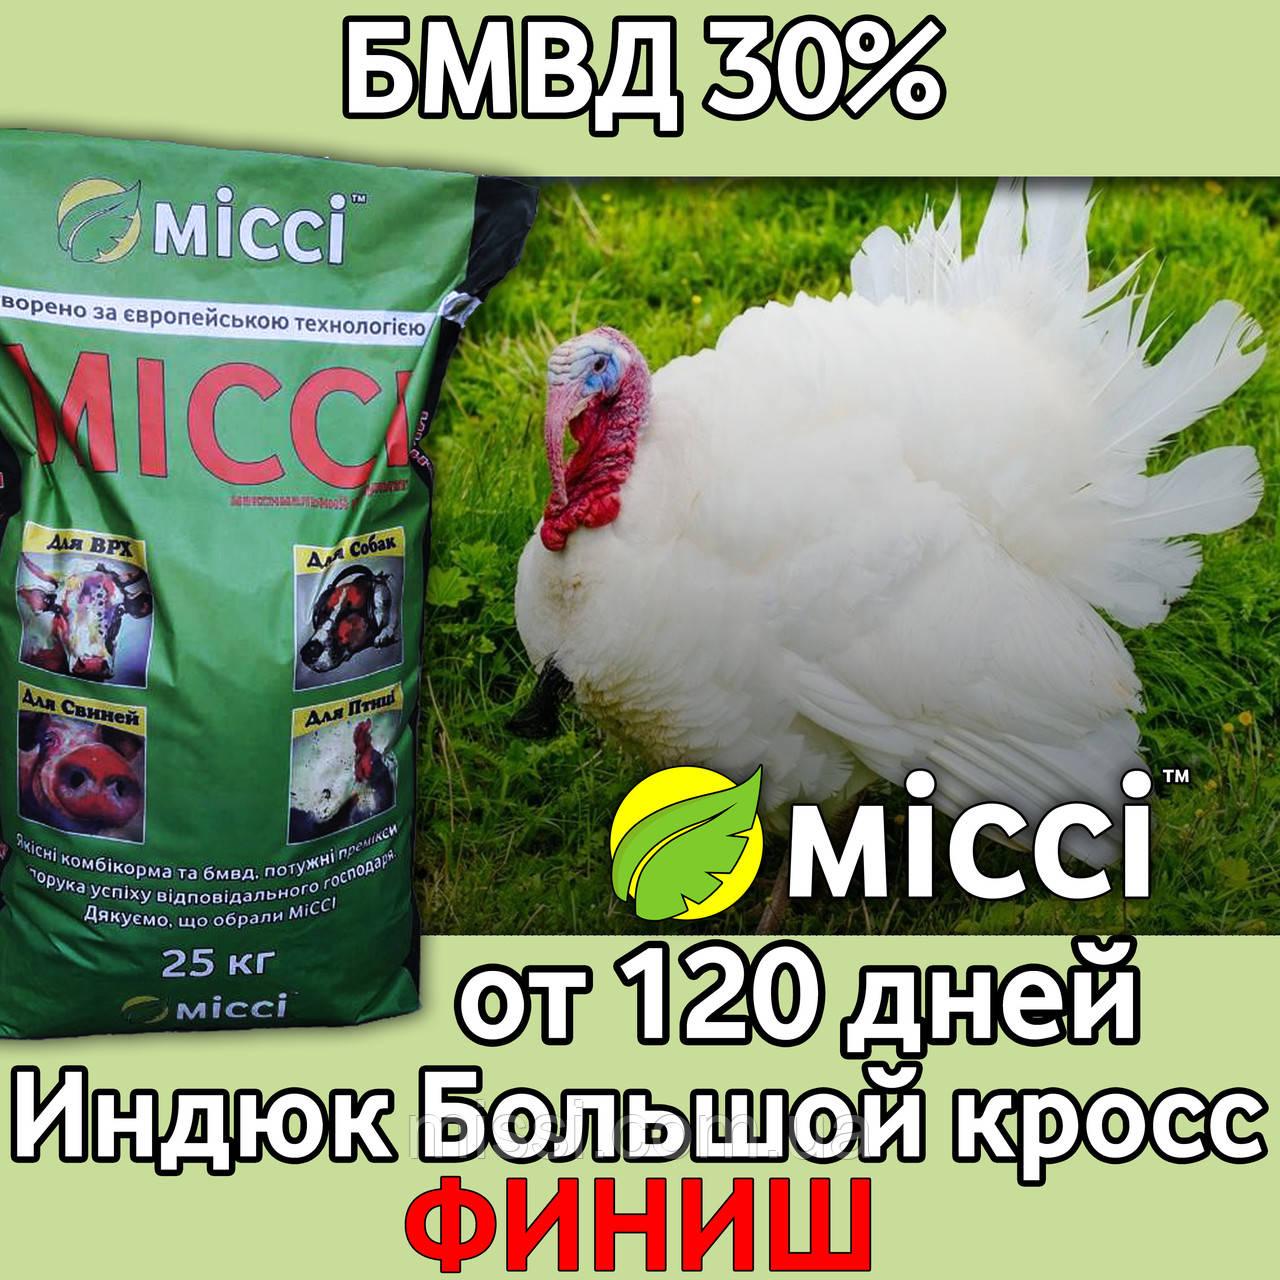 БМВД 30% Індик важкий крос ФІНІШ Міссі